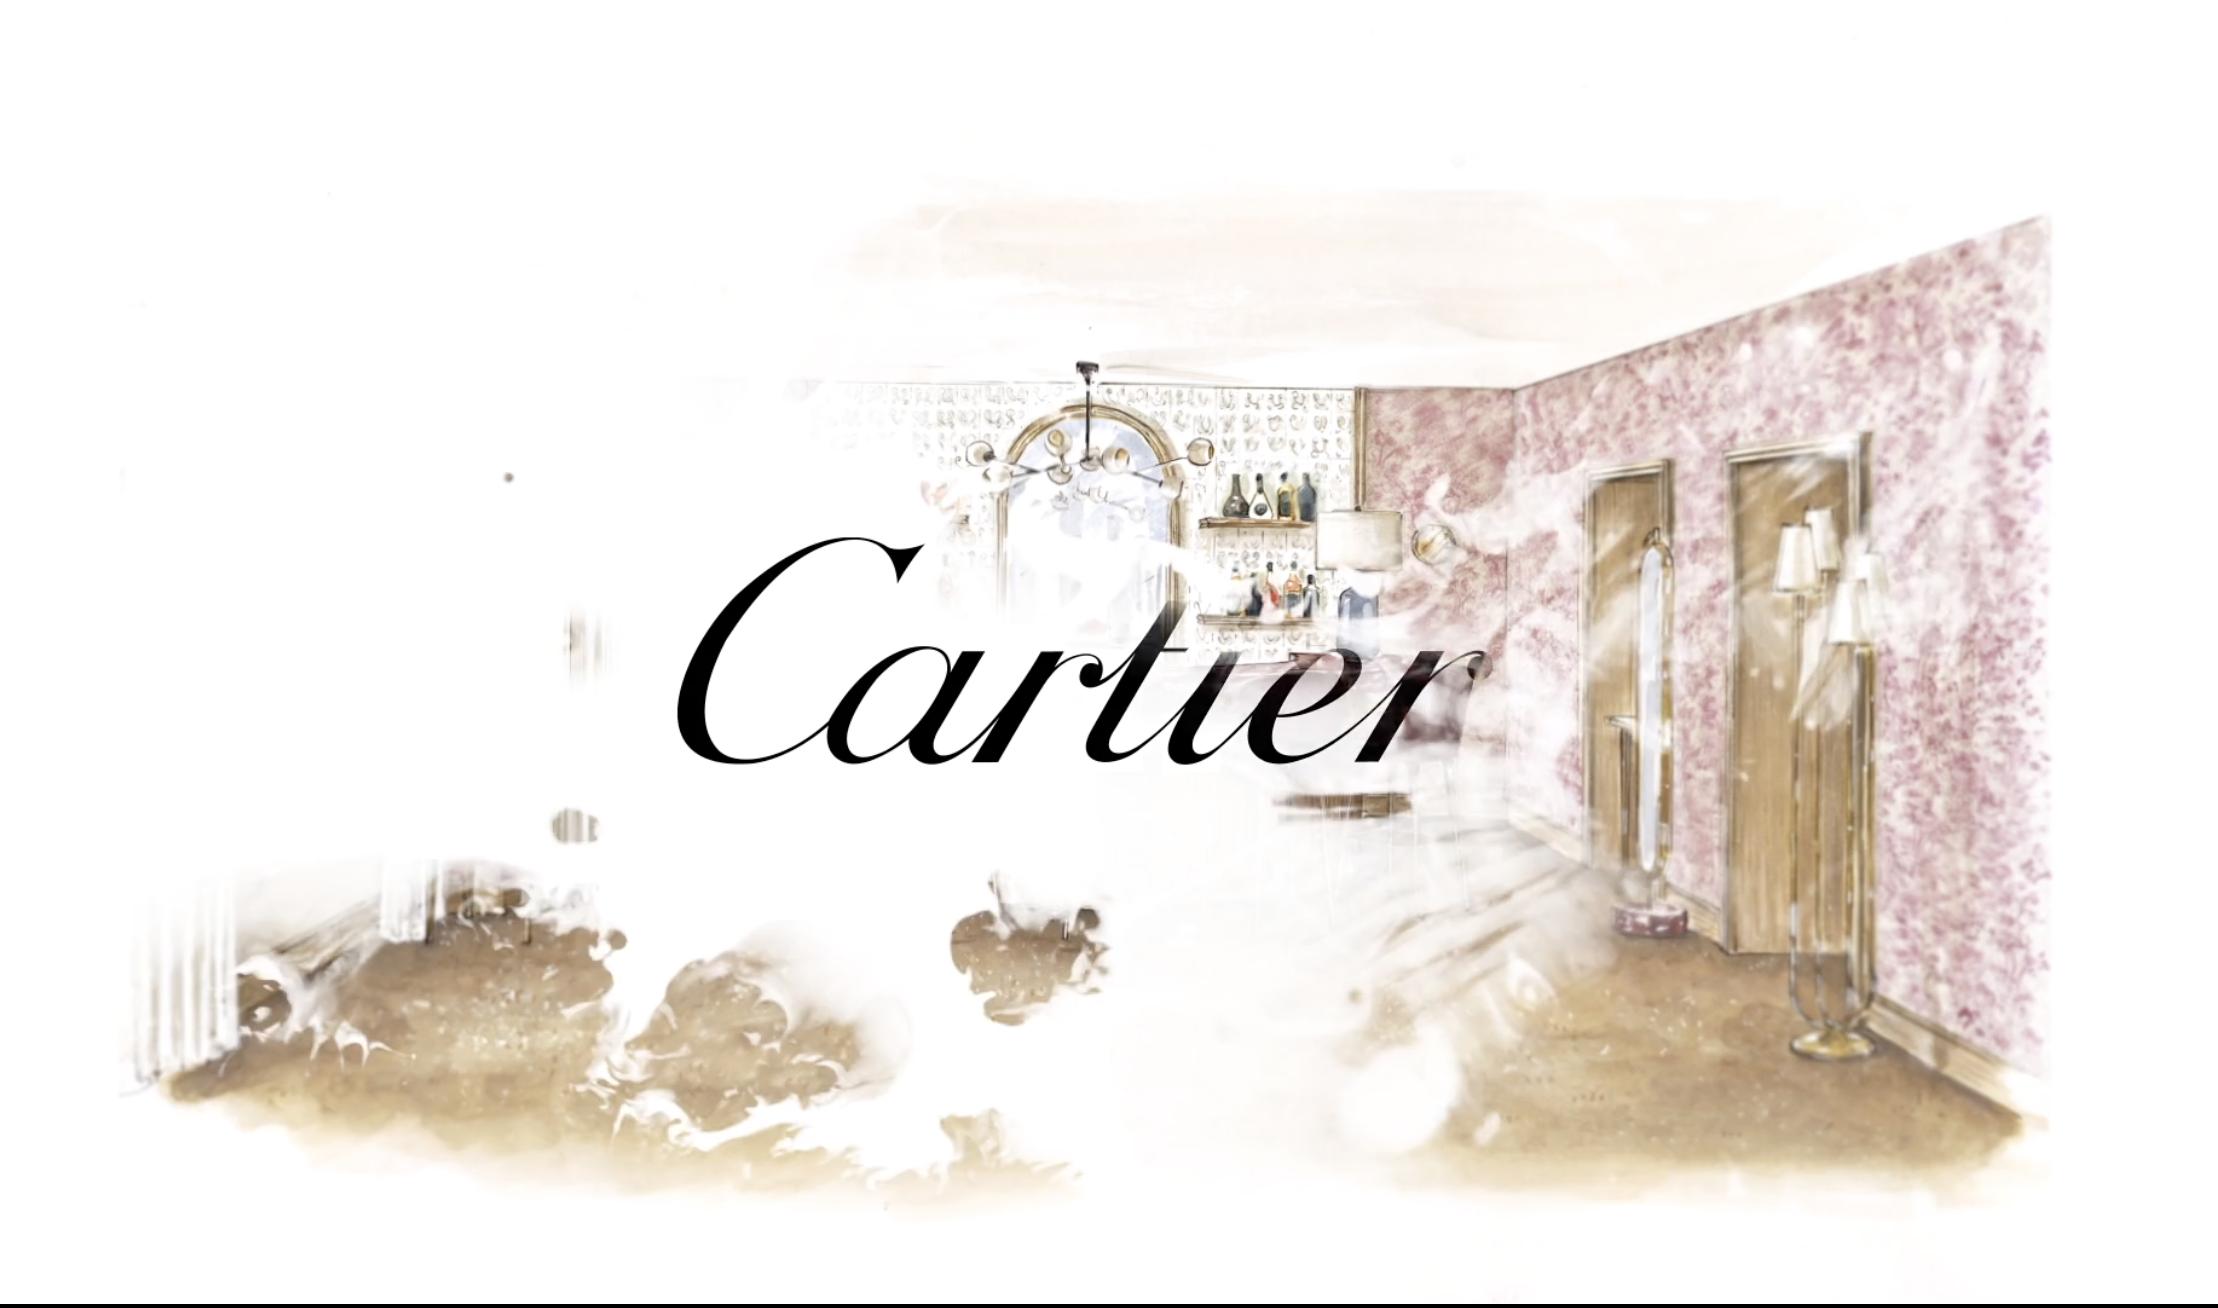 Cartier – Boutique